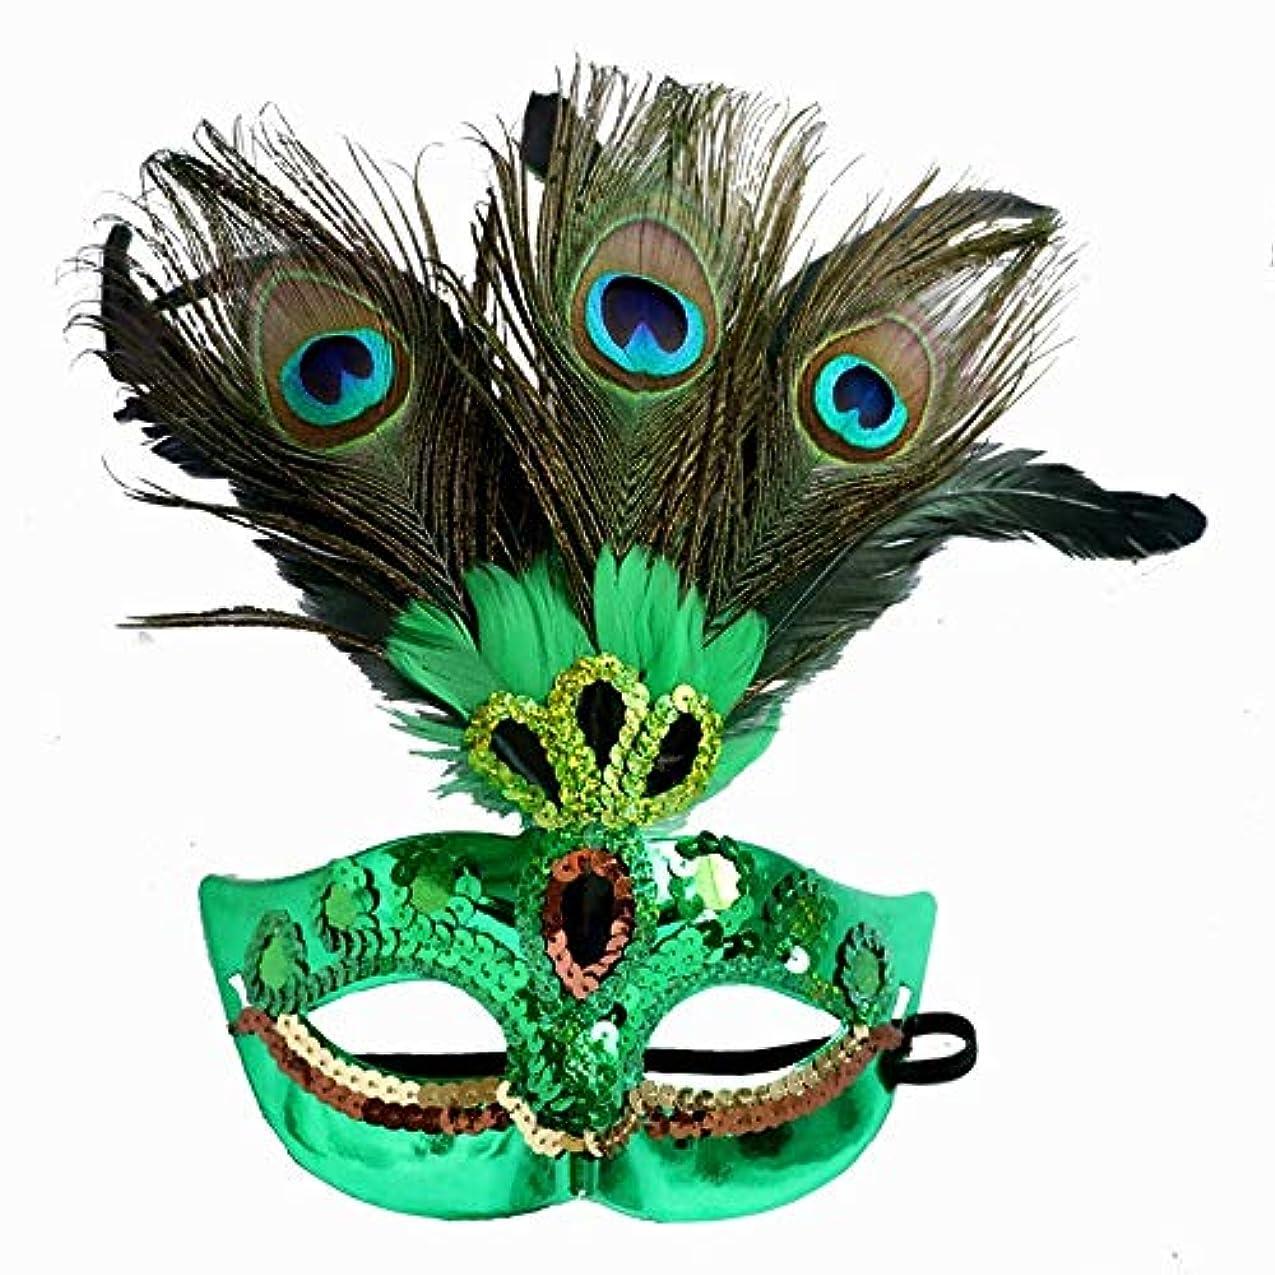 承認するコック有名なダンスマスク 仮面舞踏会マスククジャクの羽パーティー衣装ハロウィンマスクボール目猫女性マスクハーフマスク パーティーボールマスク (色 : 緑, サイズ : 18x25cm)